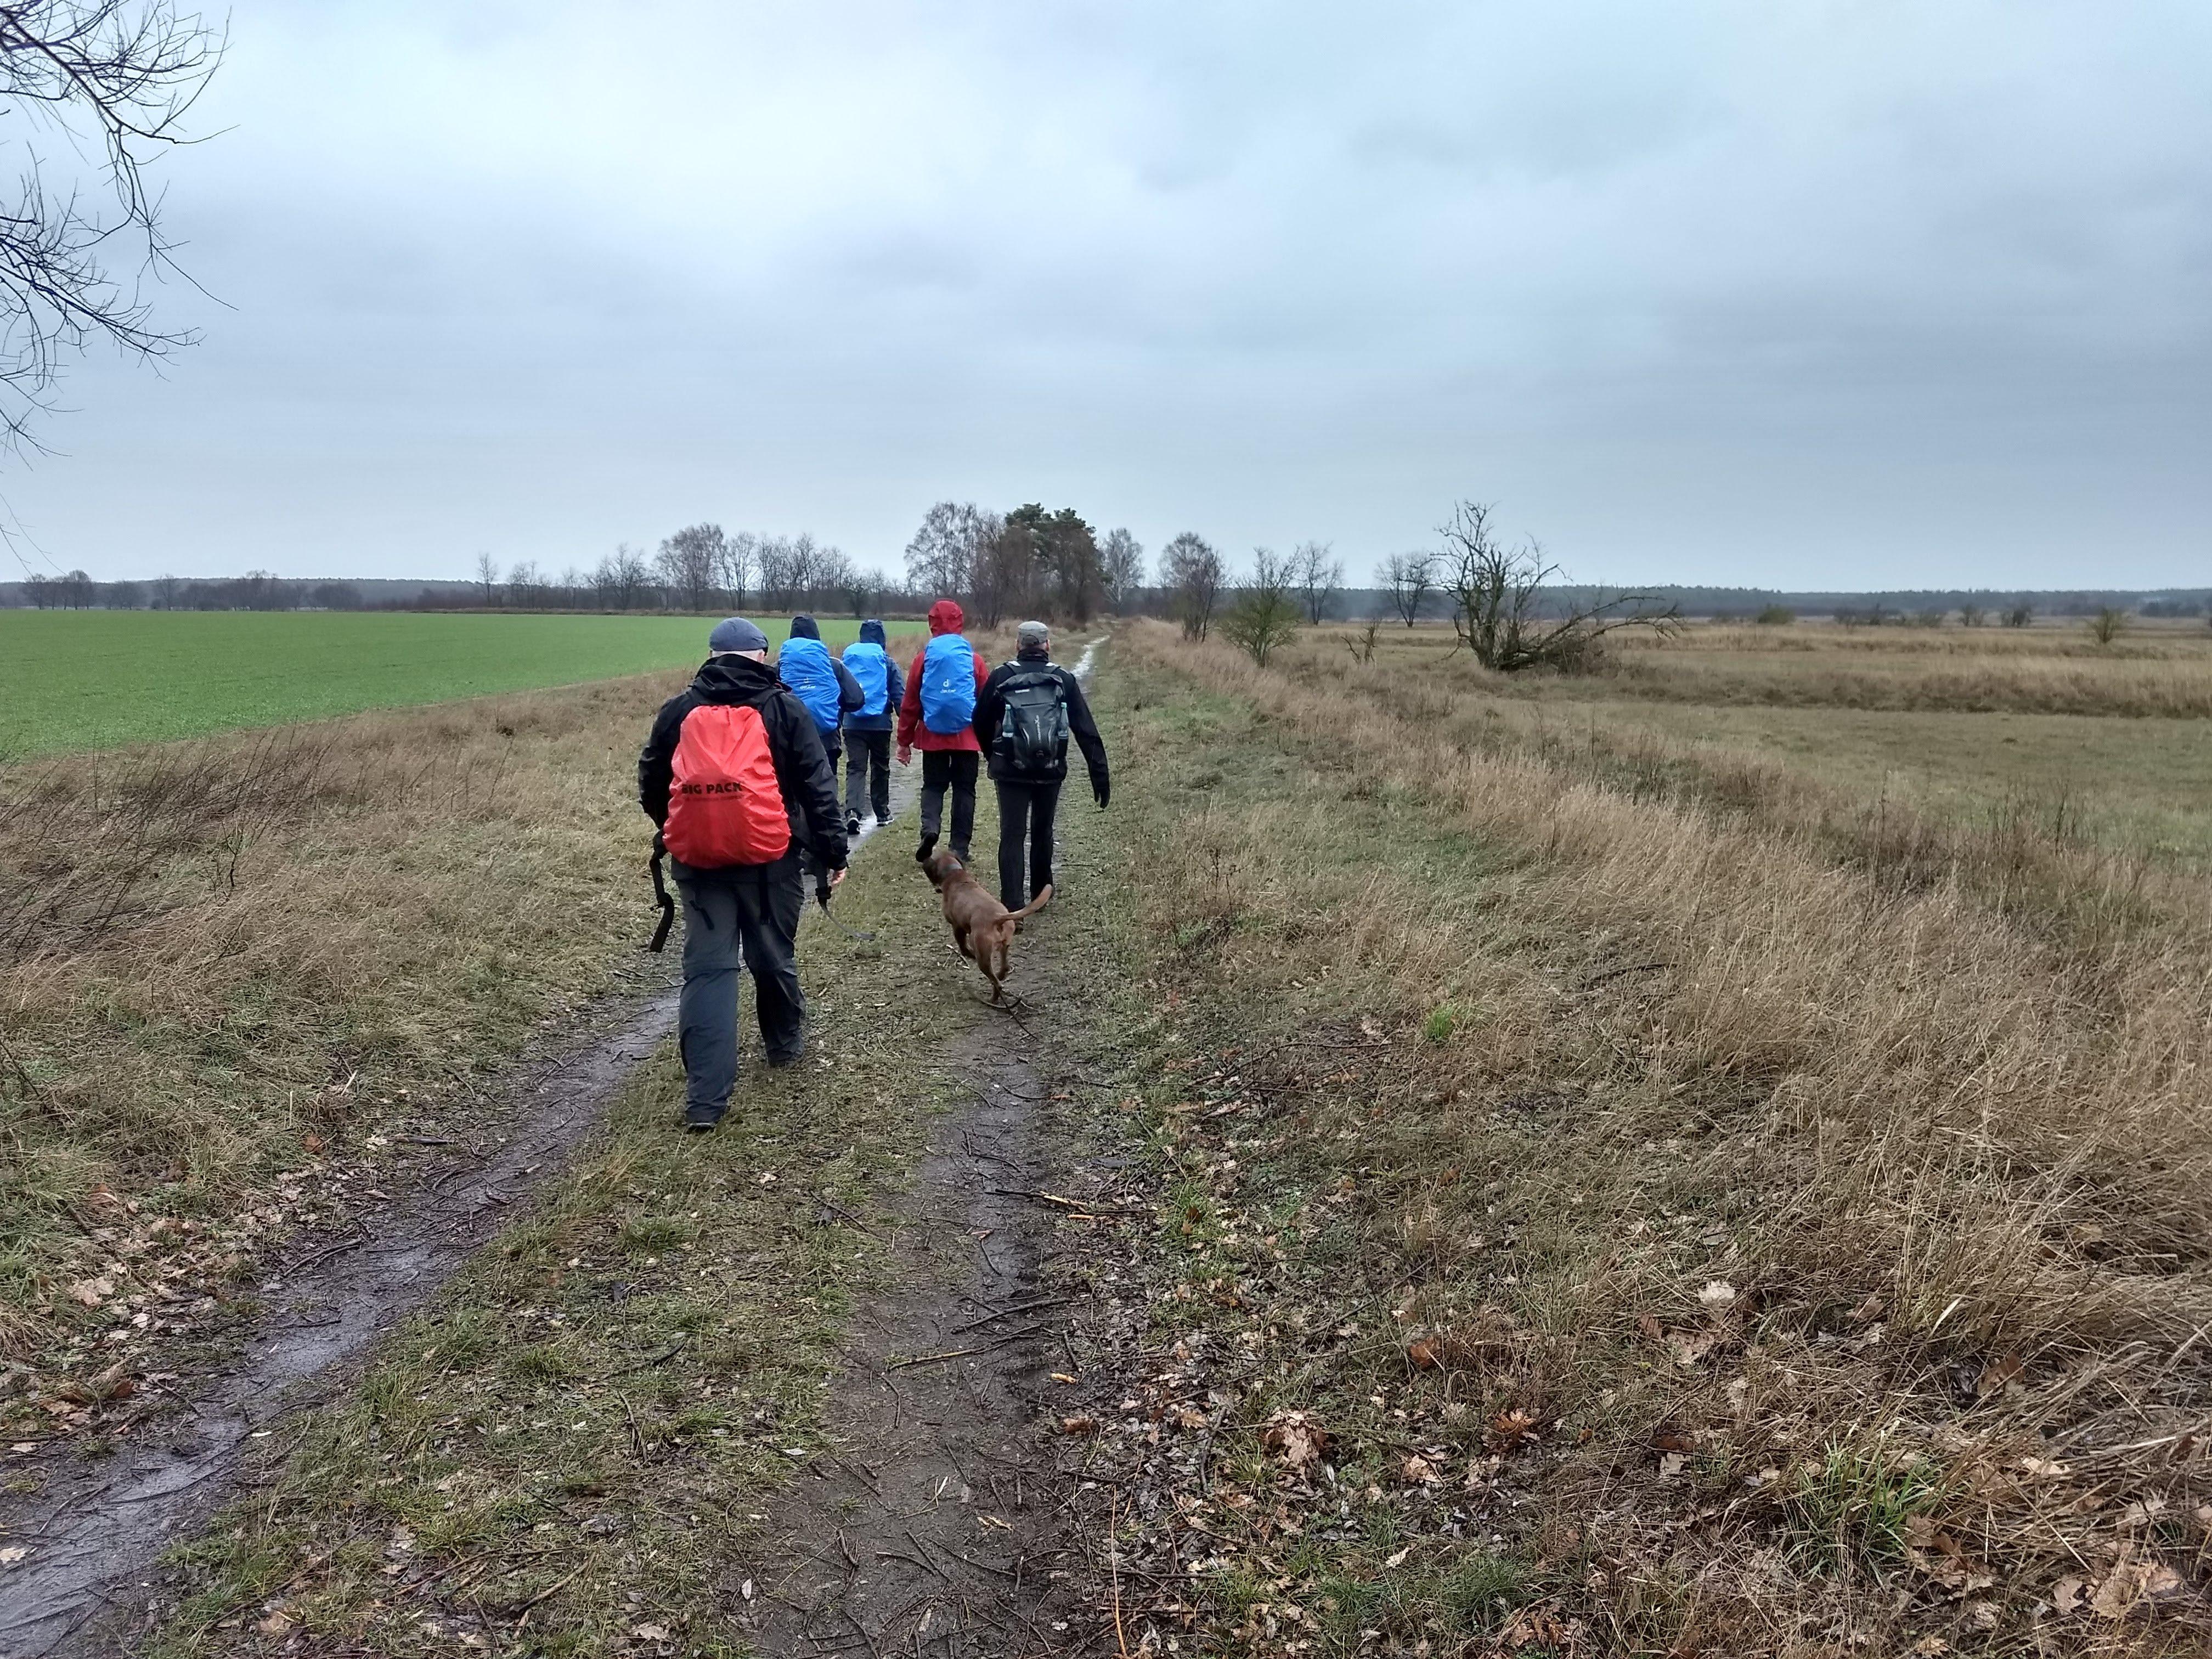 42 km-Marathonwanderung von Königs Wusterhausen nach Grünau